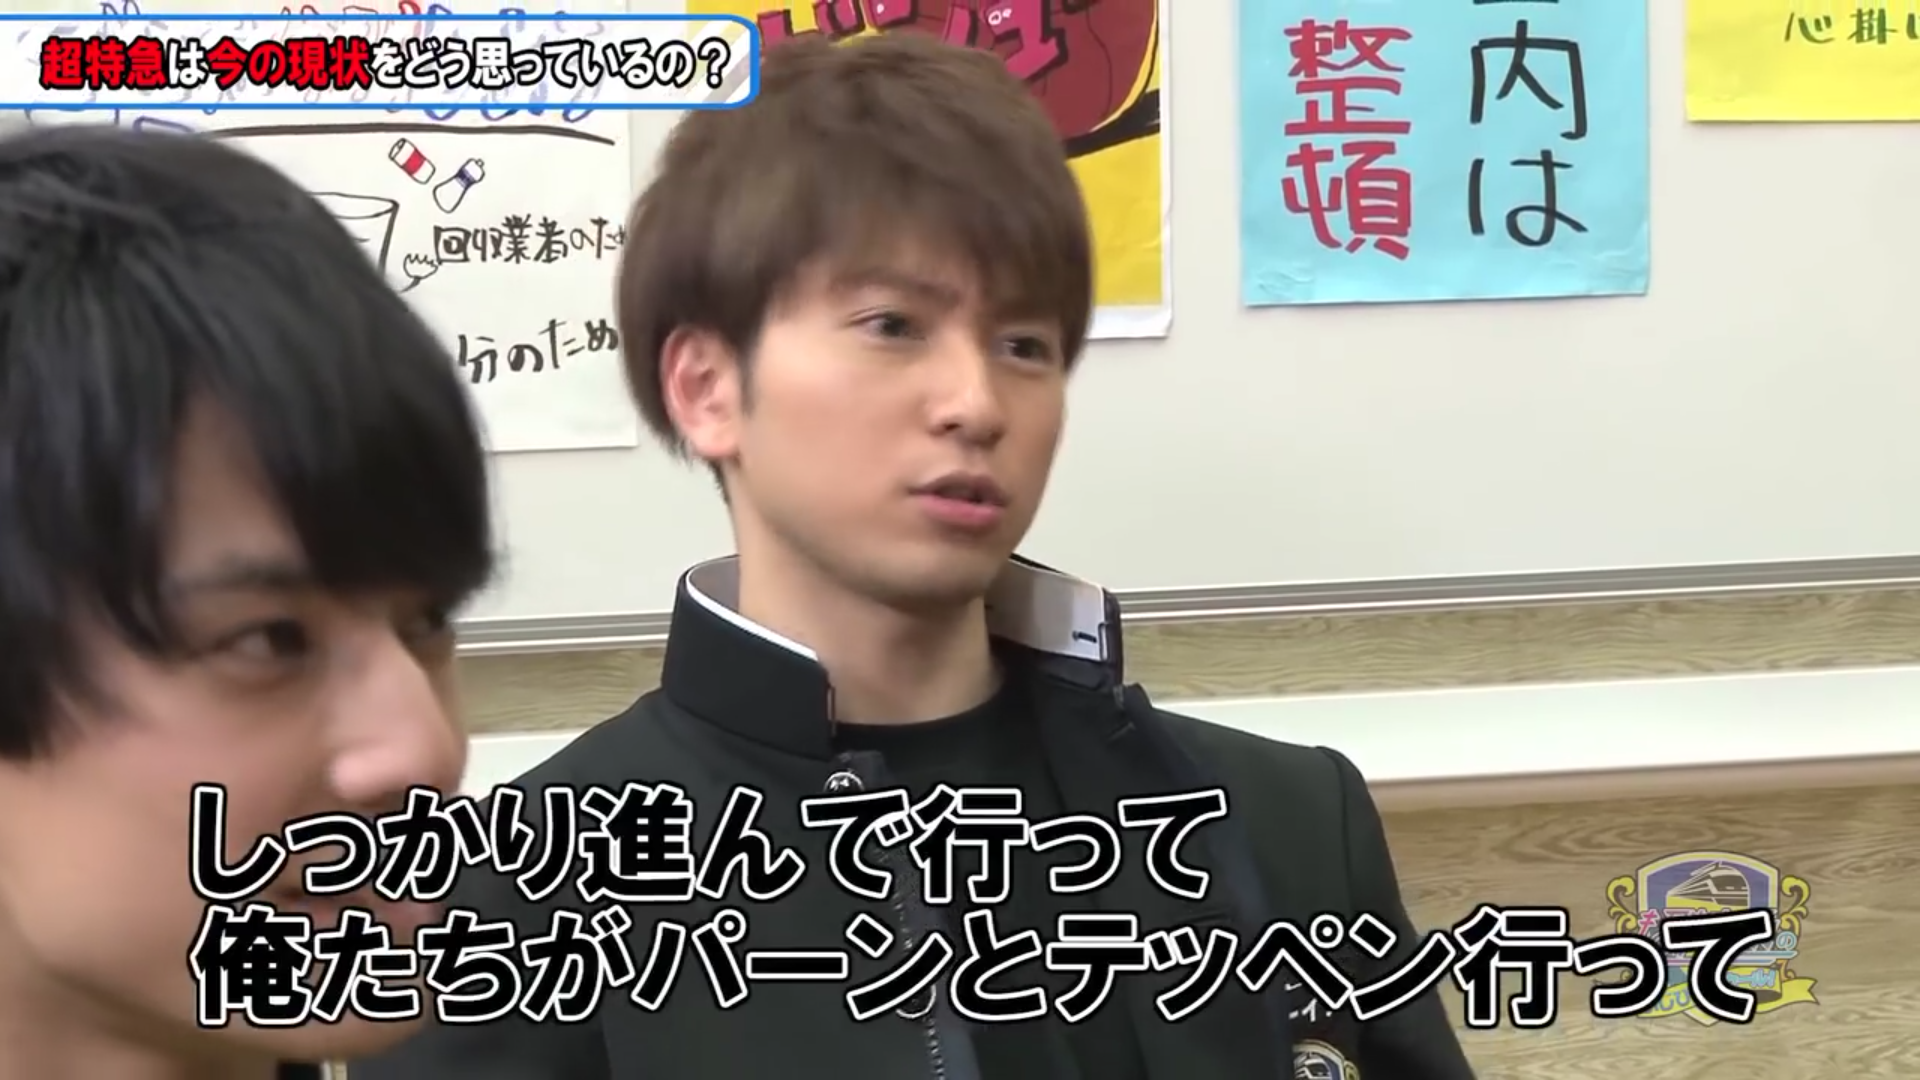 ジャニーズ、LDH以外の日本の男性グループが好きな人!